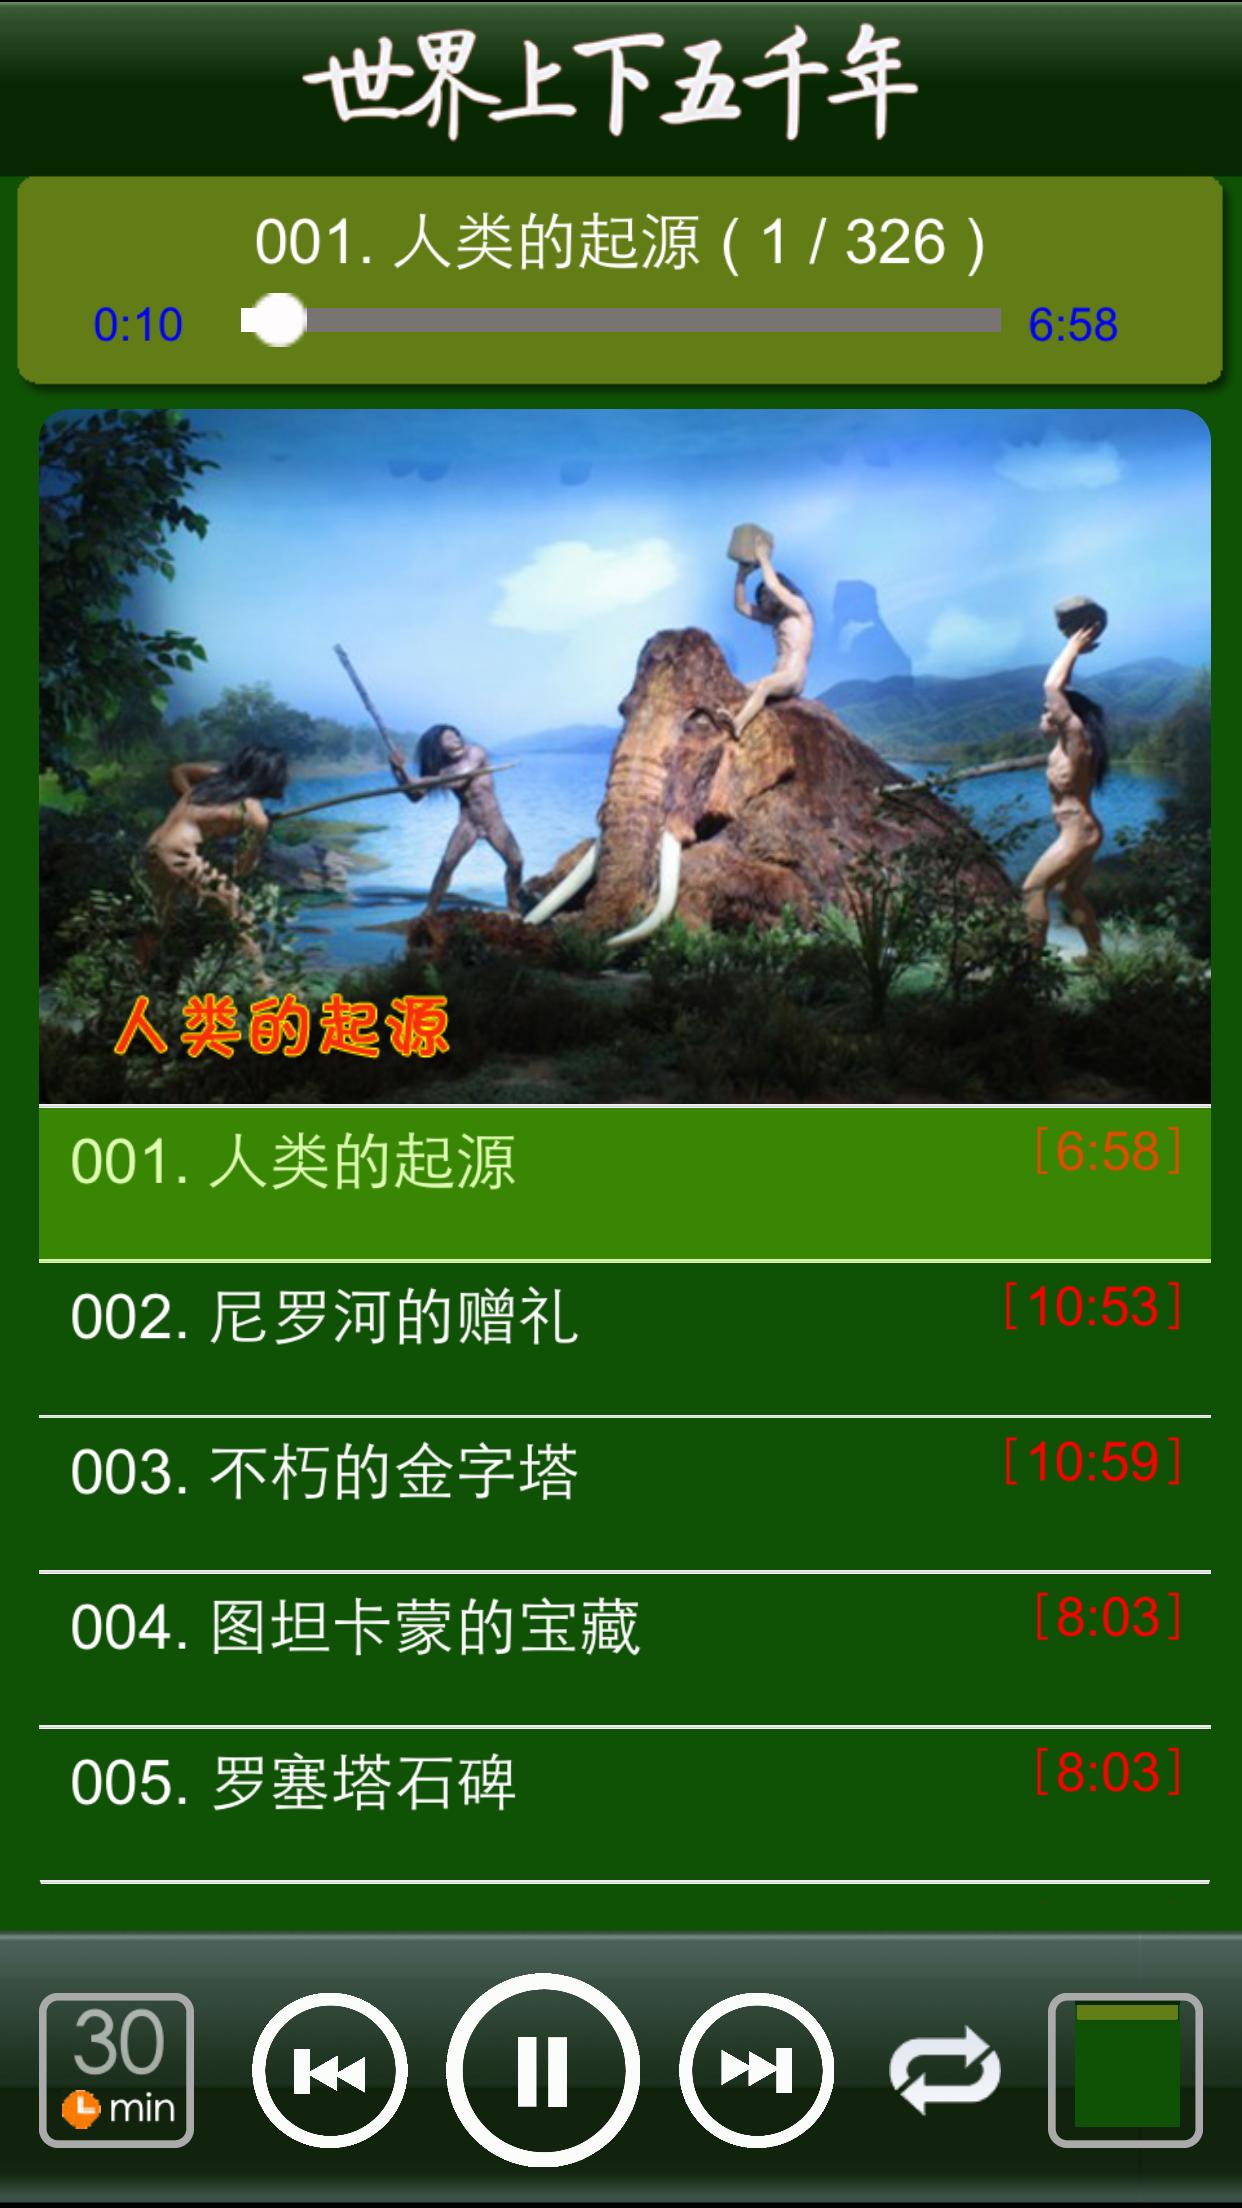 [有声]上下五千年之世界历史故事350集 Screenshot